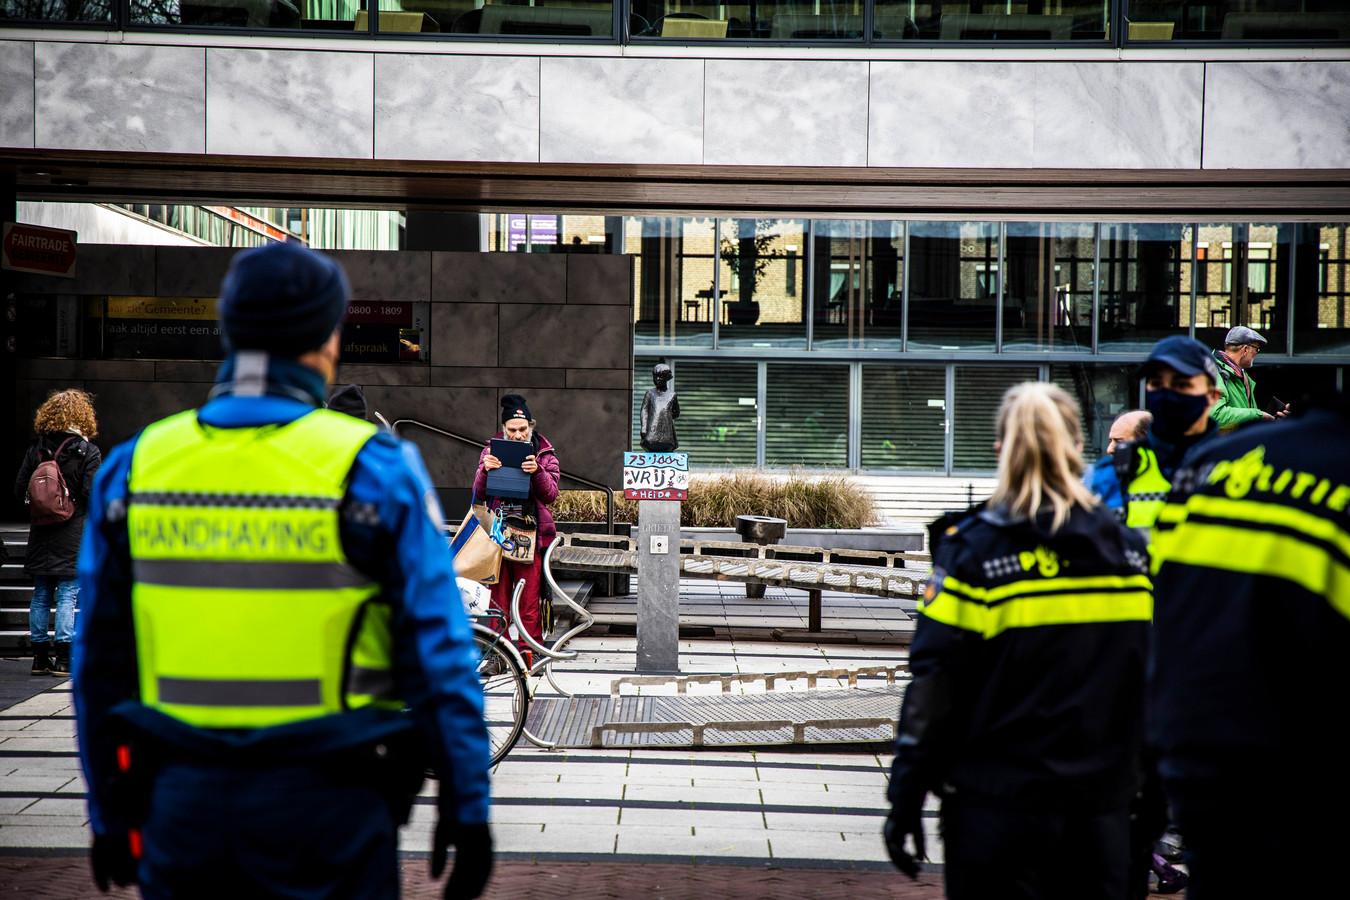 Politie bij de demonstratie in Arnhem.